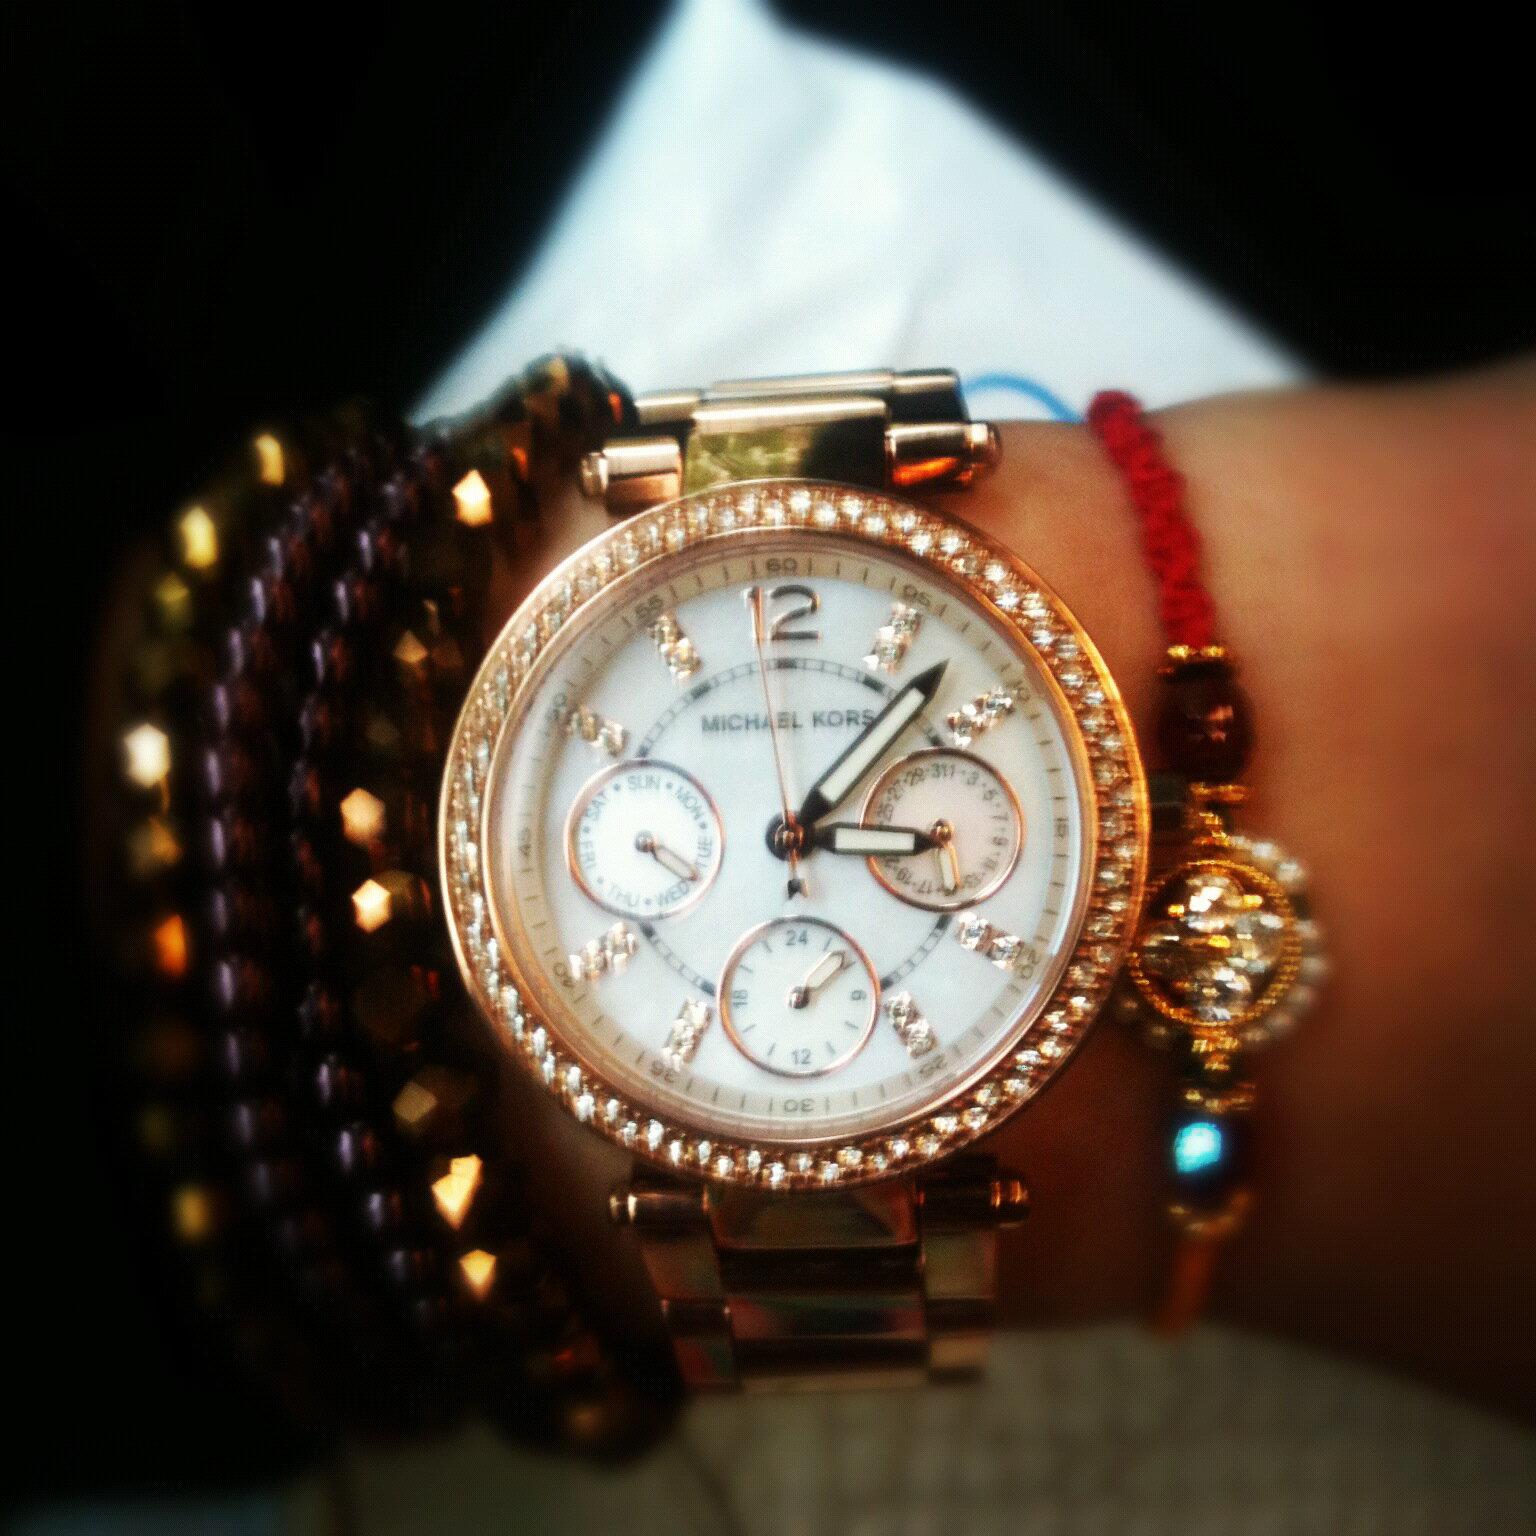 【限時8折 全店滿5000再9折】MichaelKors MK 玫瑰金鑲鑽 三環計時手錶腕錶 MK5491 美國Outlet 正品代購 7